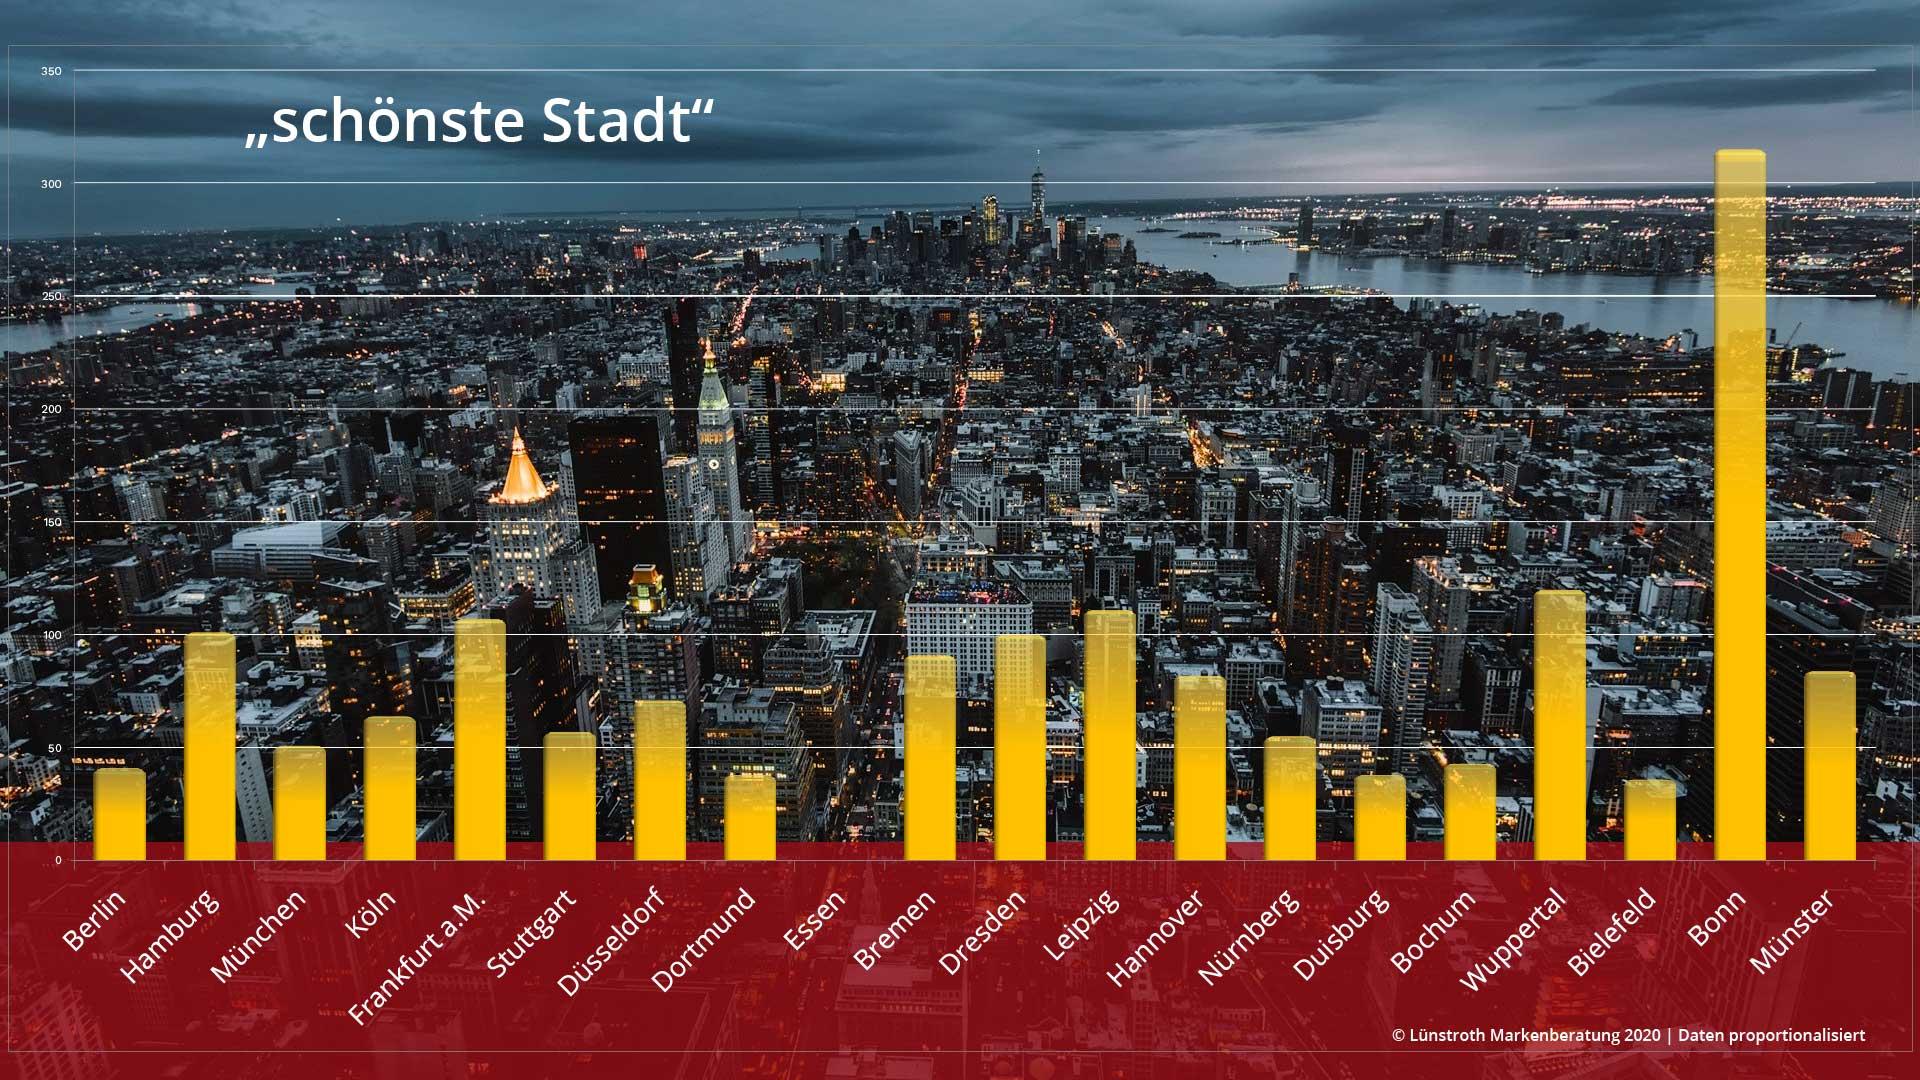 Schönste Stadt Deutschlands 2020